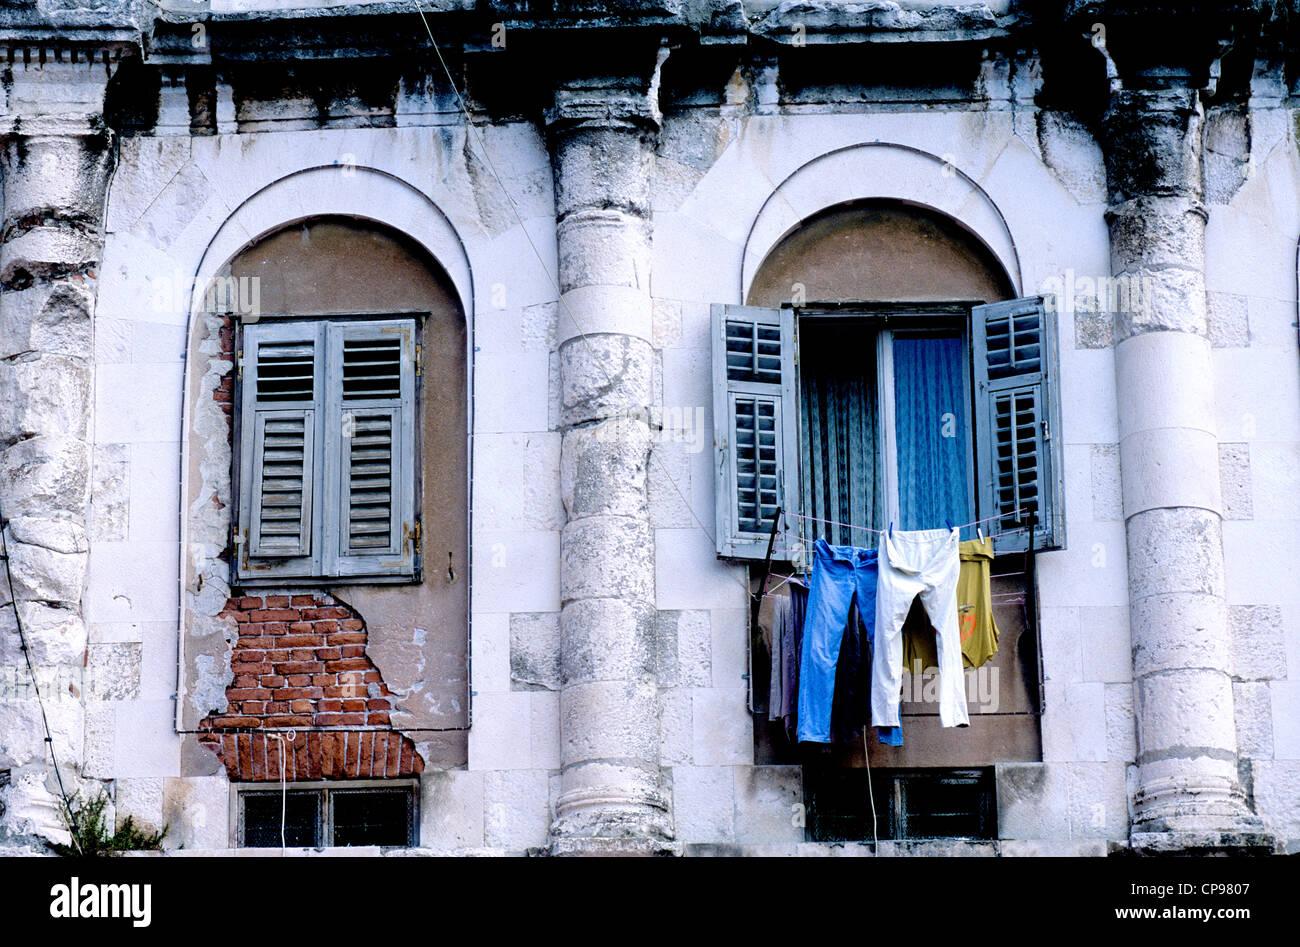 Ventanas del edificio parte del histórico Palacio de Diocleciano en Split, Croacia Imagen De Stock